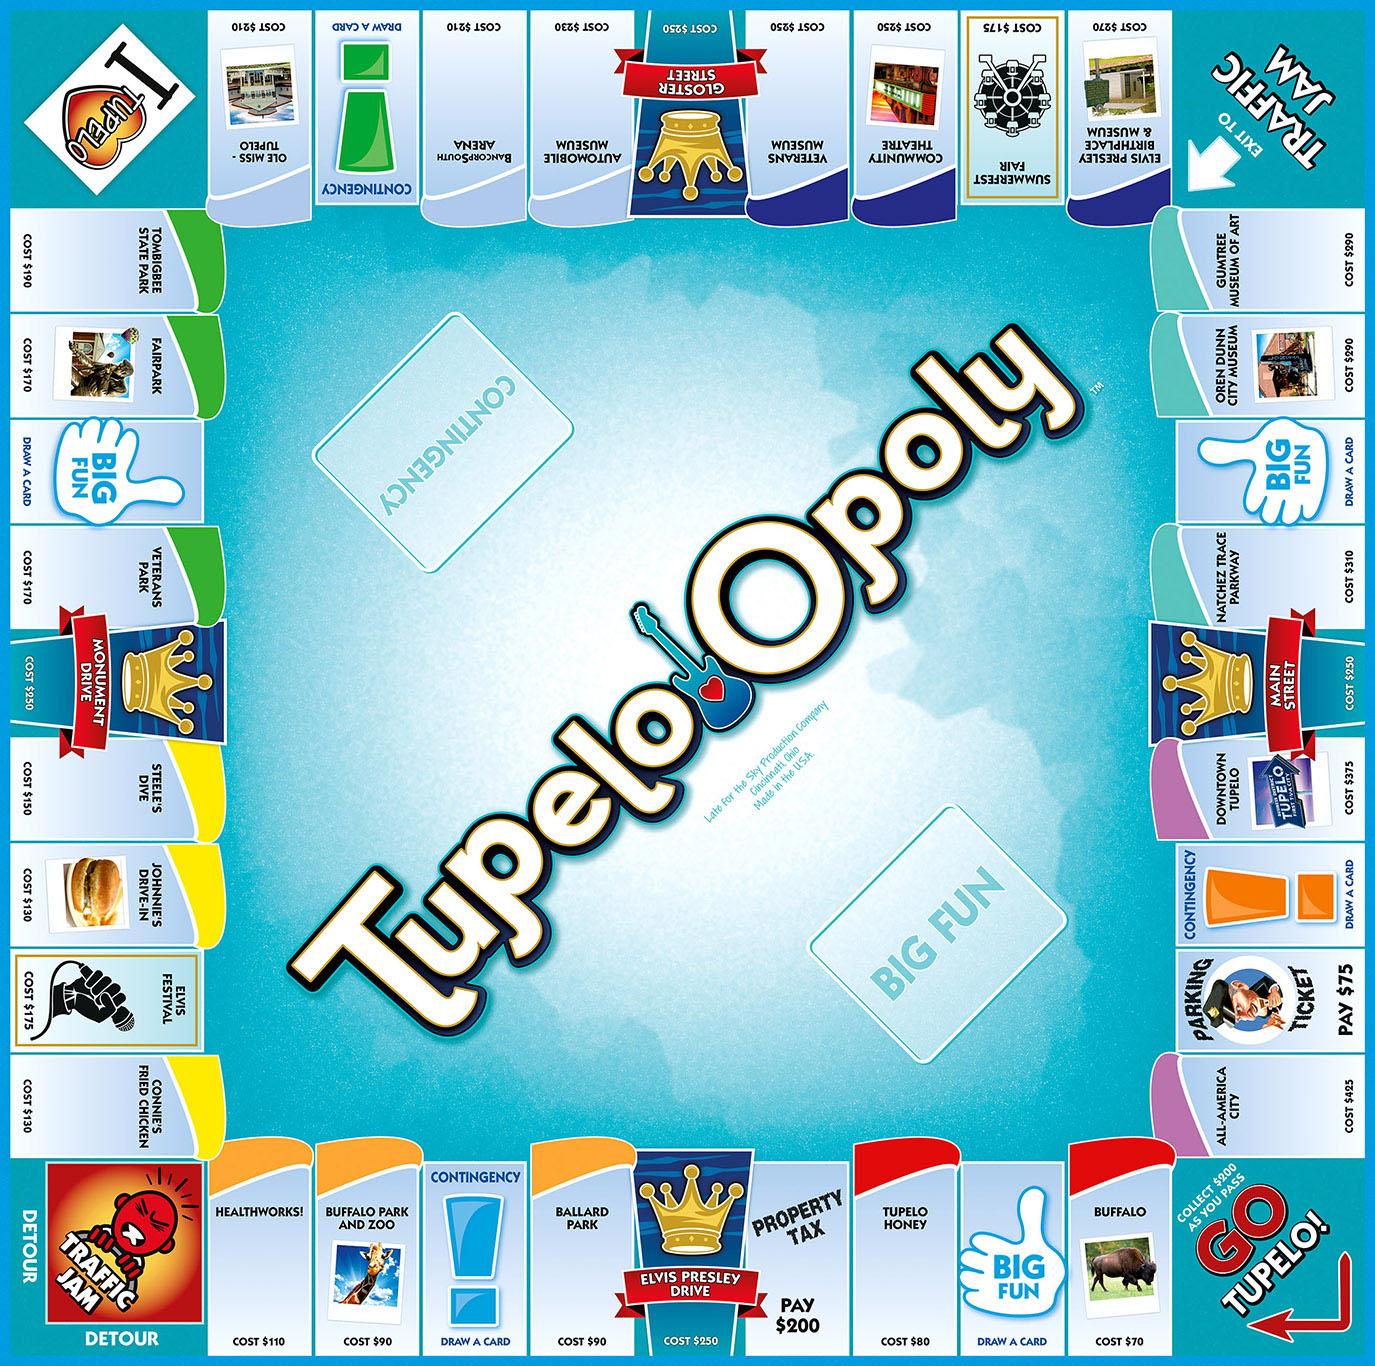 TUPELO-OPOLY Board Game